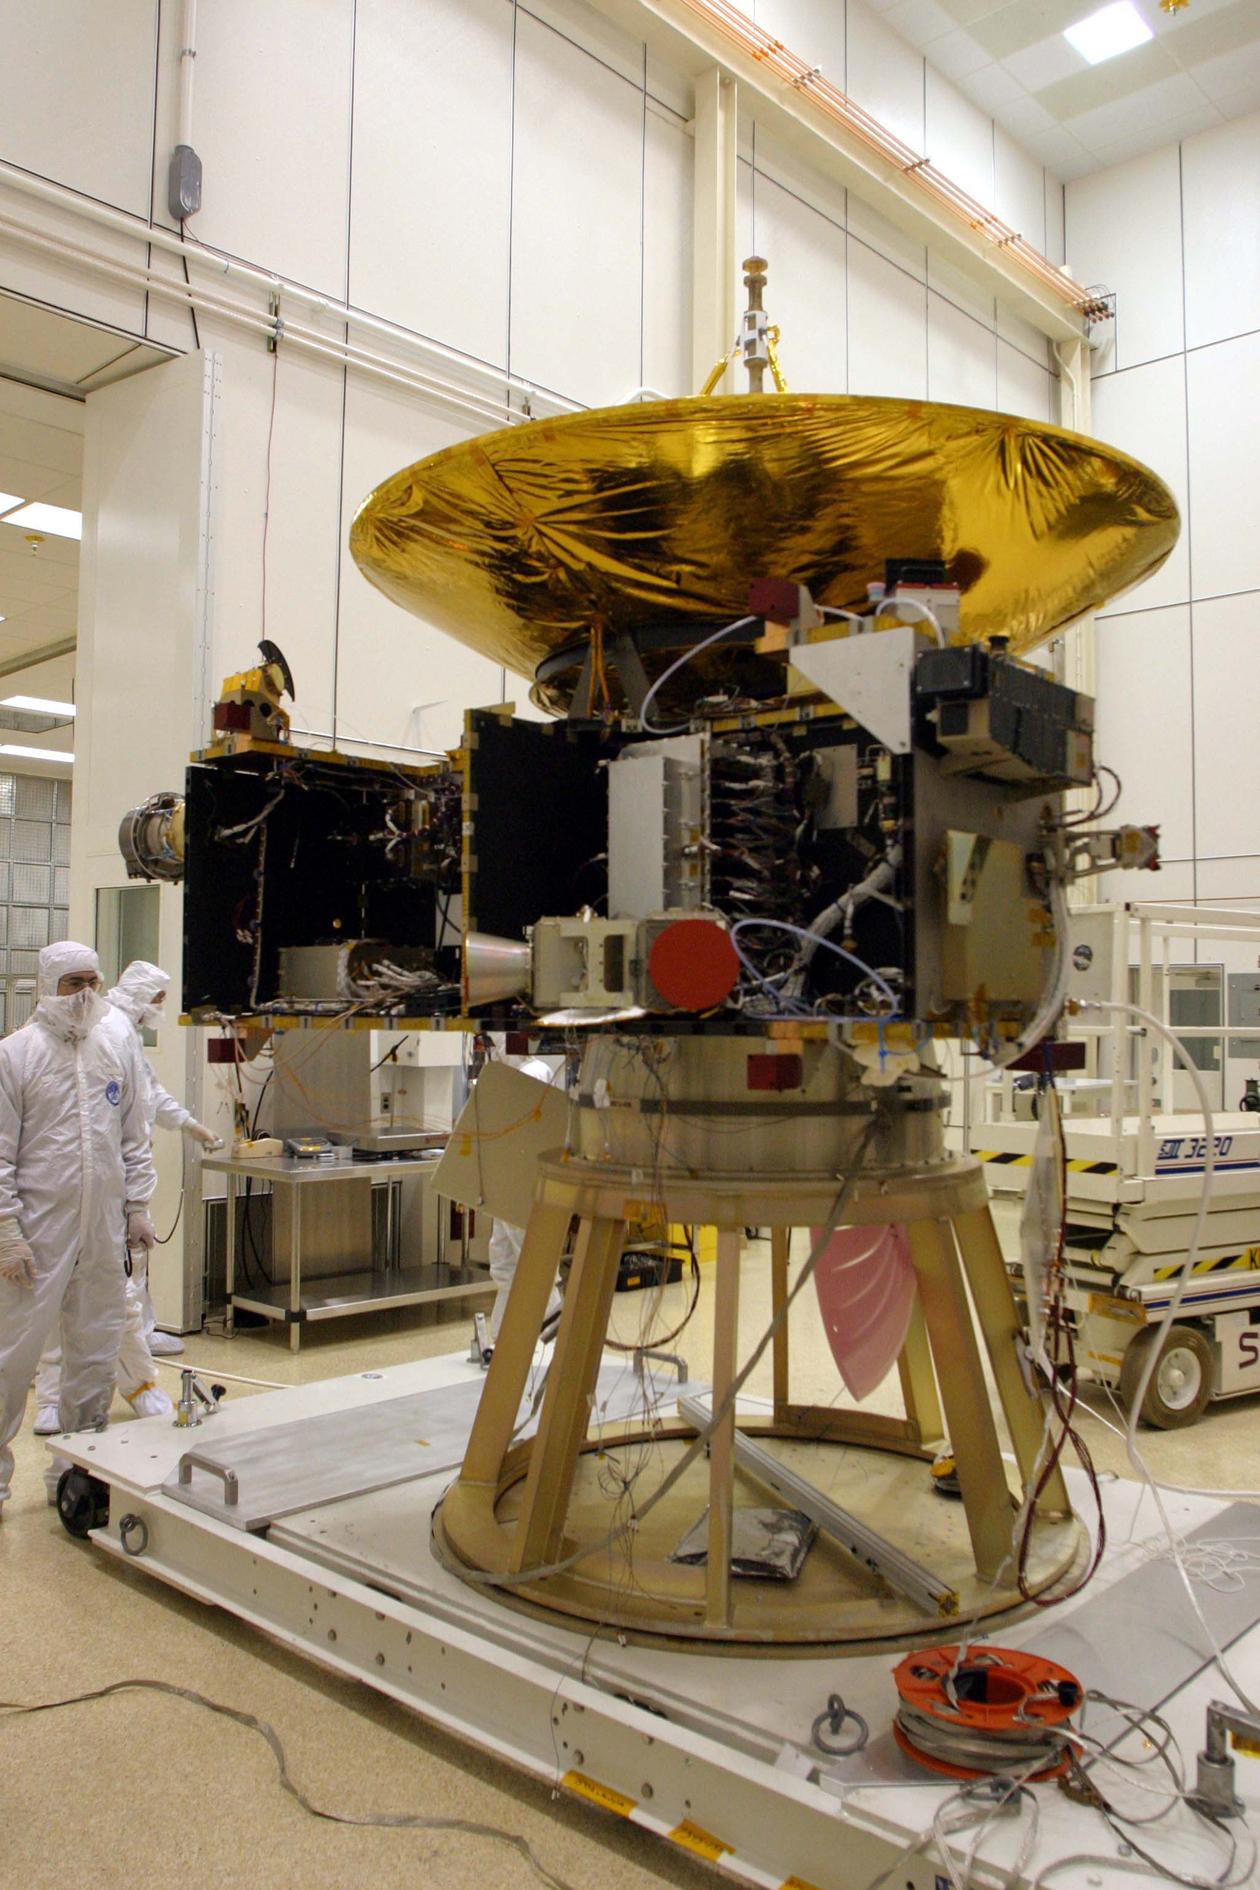 صورة أثناء القيام بفحص الهوائي الخاص بالمركبة في الفضائية في مختبر الفيزياء التطبيقية بجامعة جونز هوبكنز. حقوق الصورة: NASA/Johns Hopkins University Applied Physics Laboratory/Southwest Research Institute (NASA/JHUAPL/SwRI)